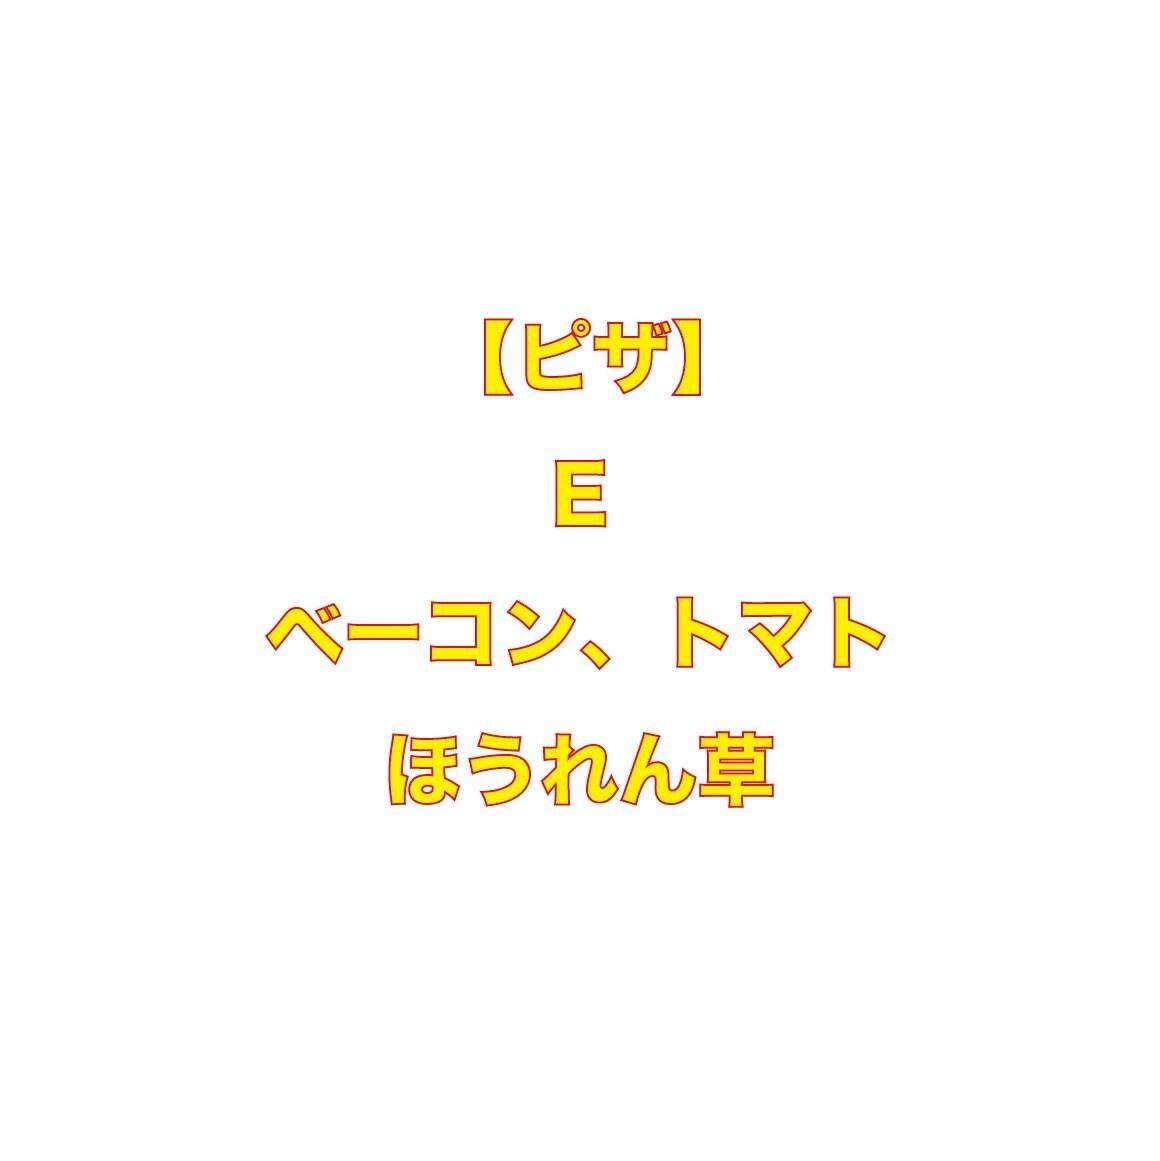 【ピザ】E(ベーコン、トマト、ほうれん草)のイメージその1